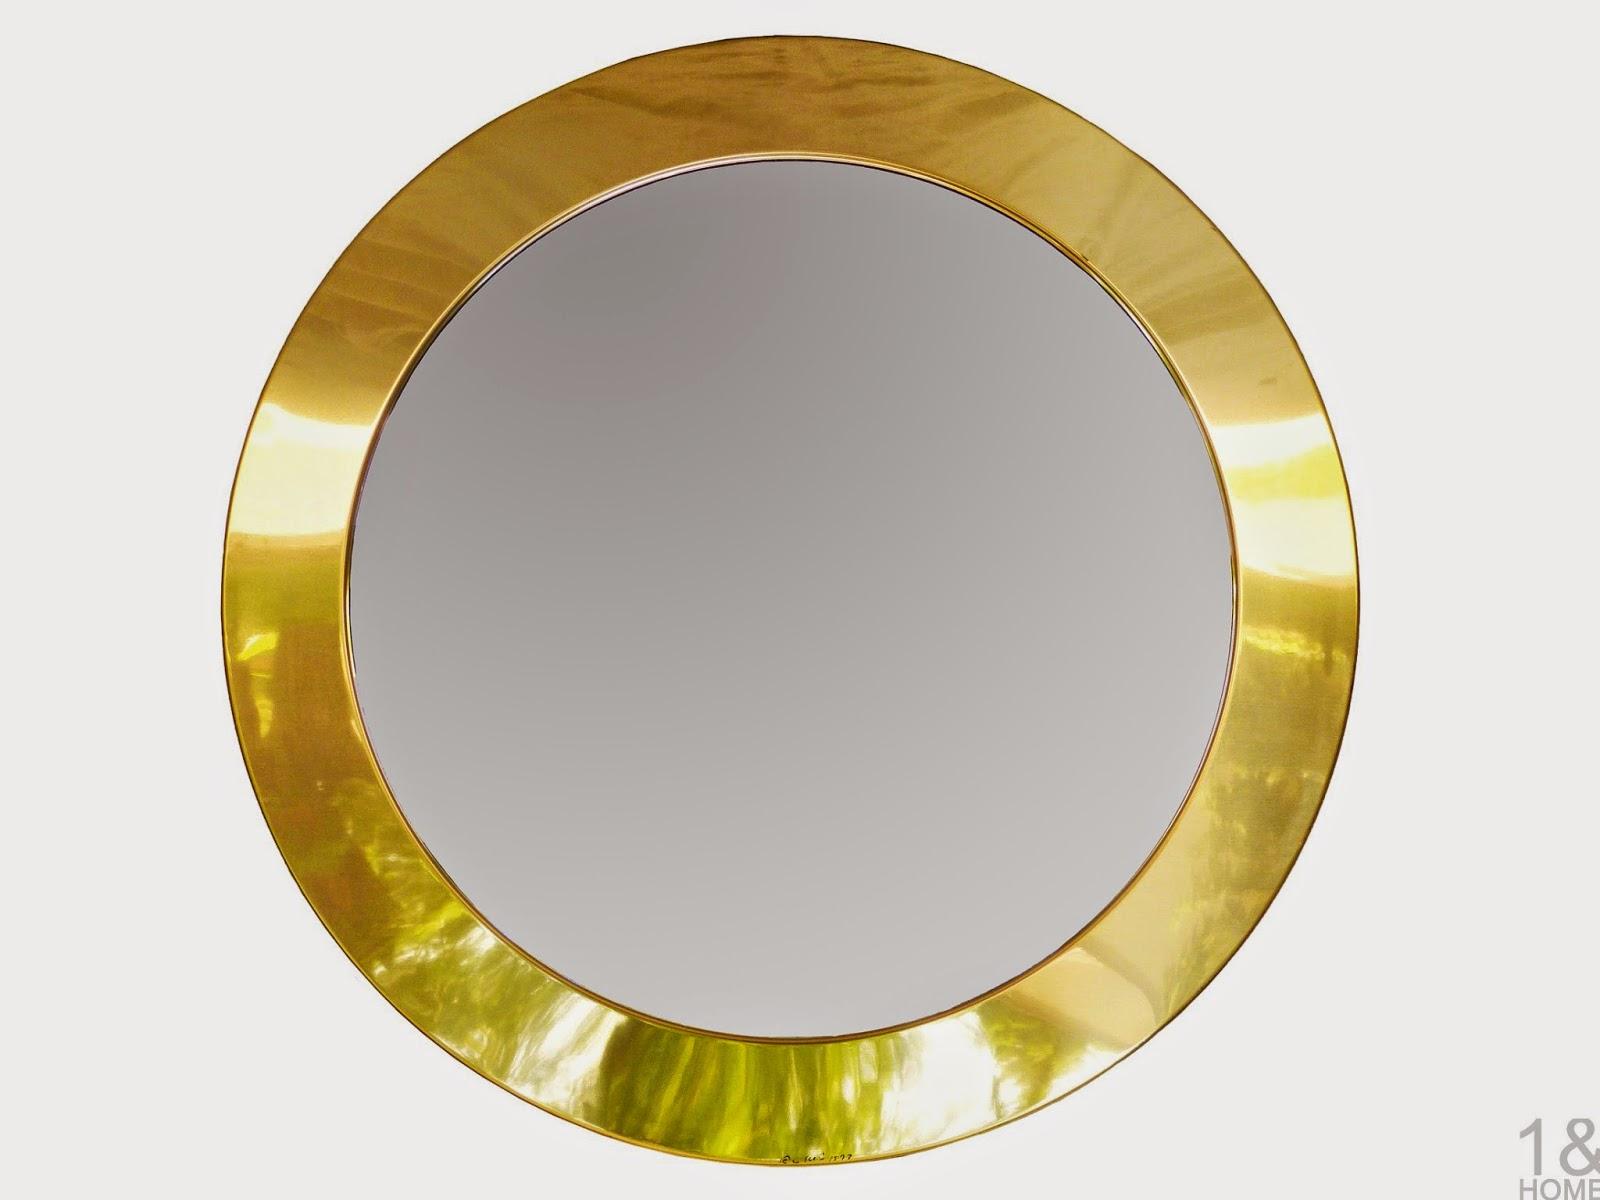 C. Jere Round Brass Circular Mirror modern vintage retro